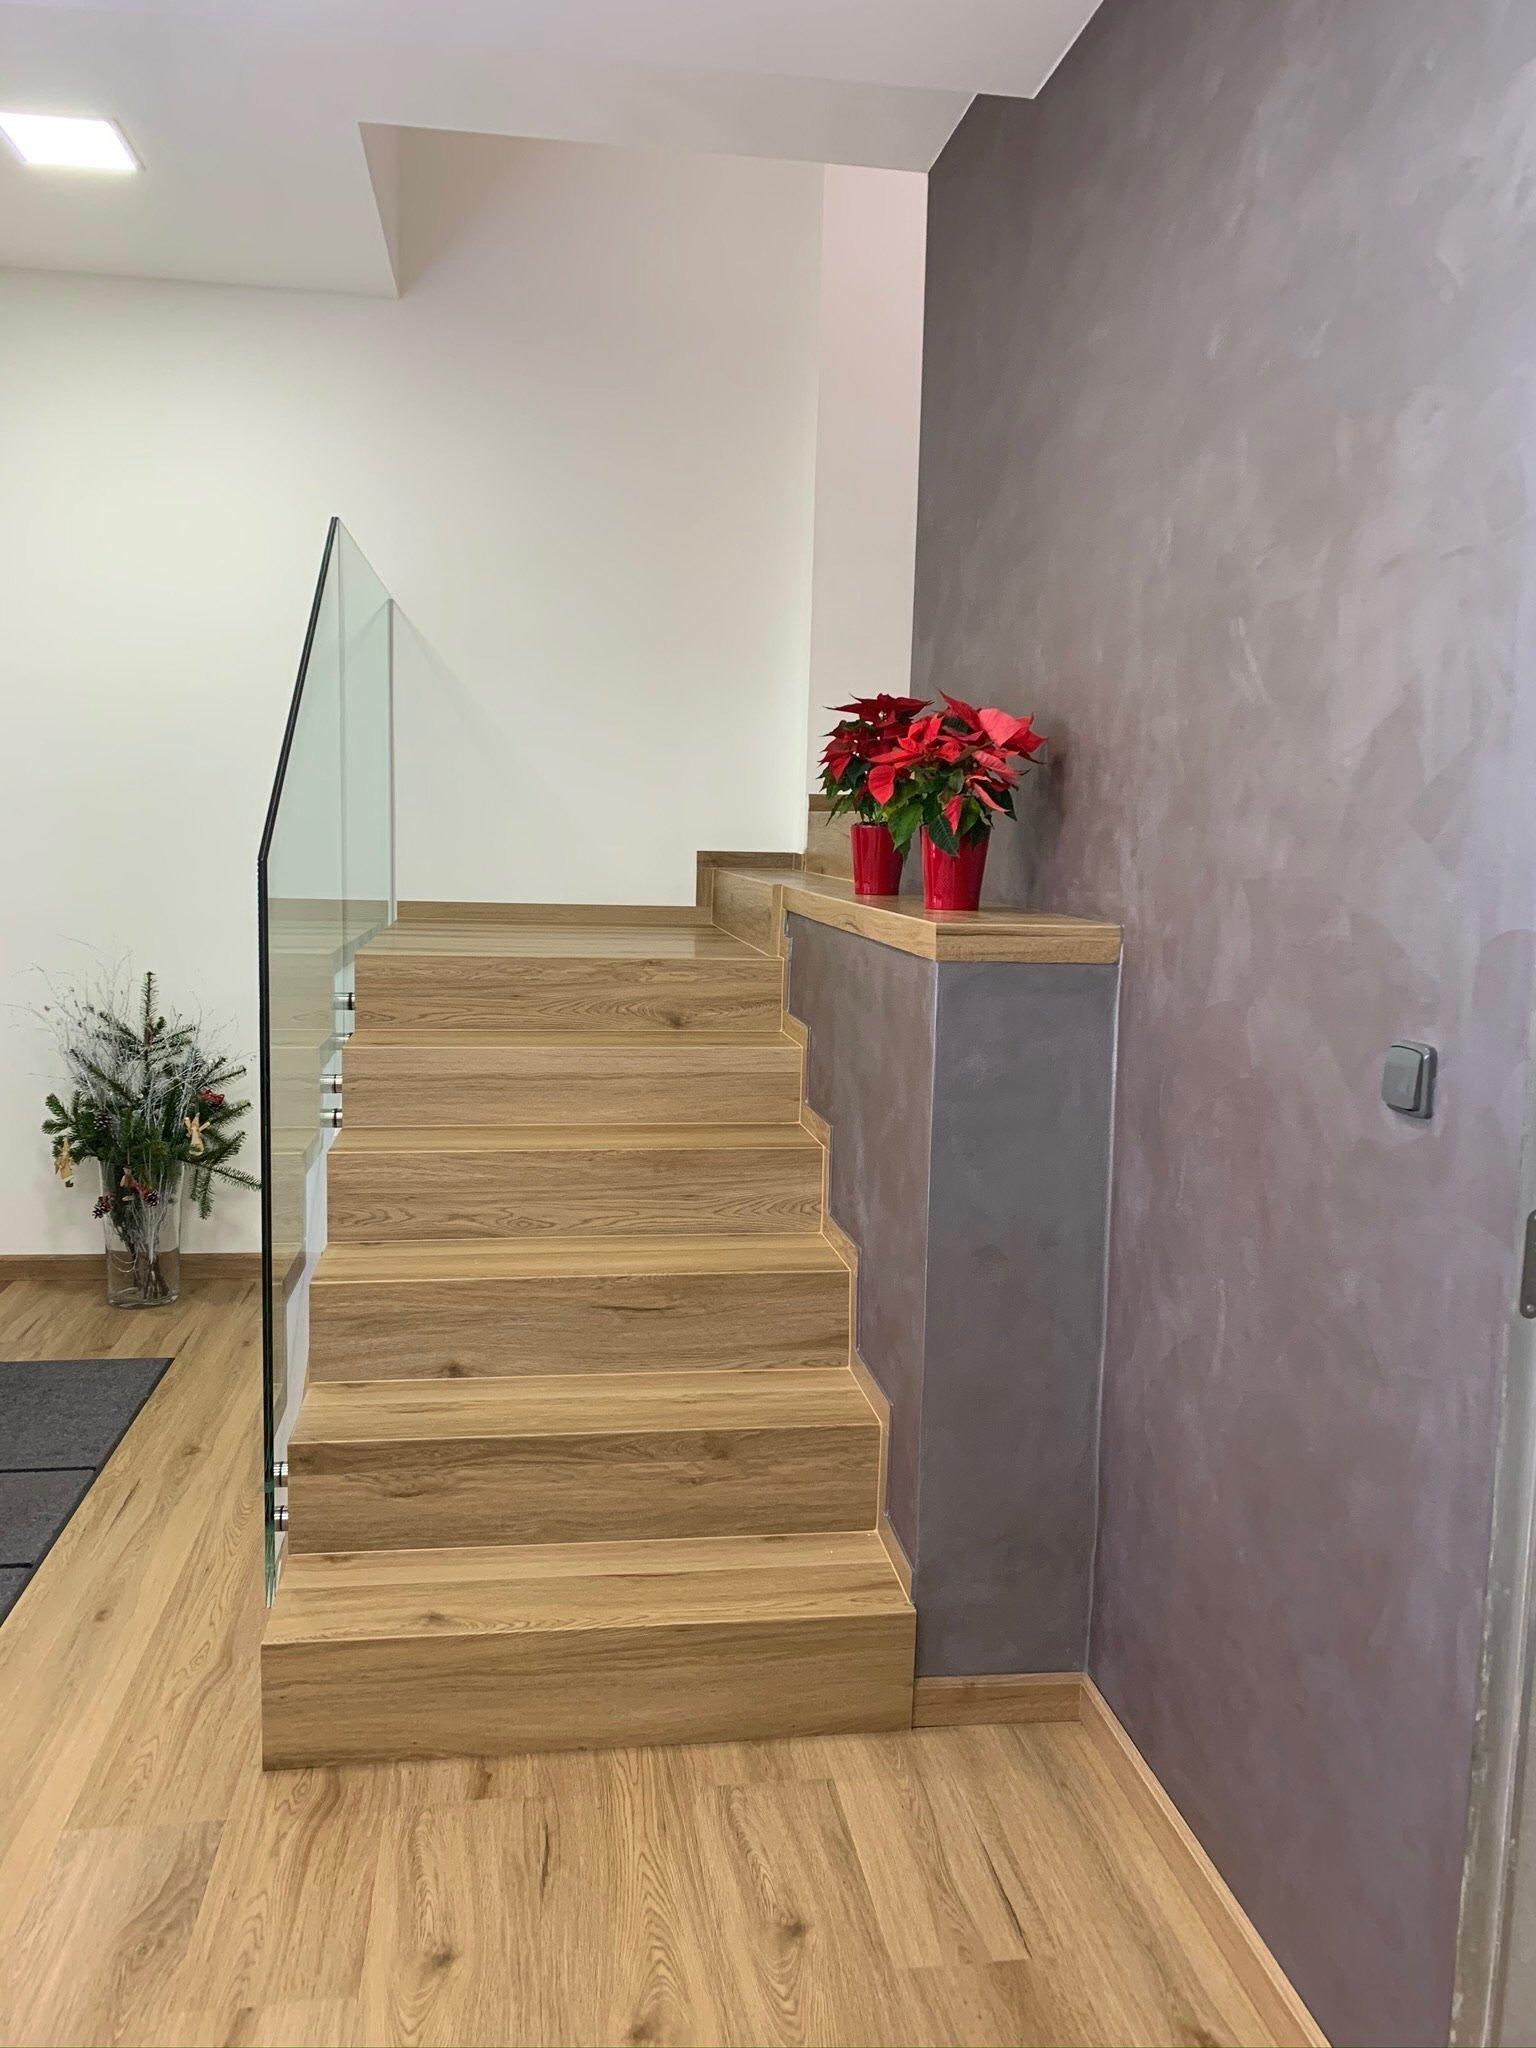 Ukázka práce podlahářů z Bukomy, obklad schodiště vinylovou podlahou BUKOMA PREMIUM CLICK dekor Dub Bunbury. Schodové hrany jsou řešeny ohyby podlahových dílců…